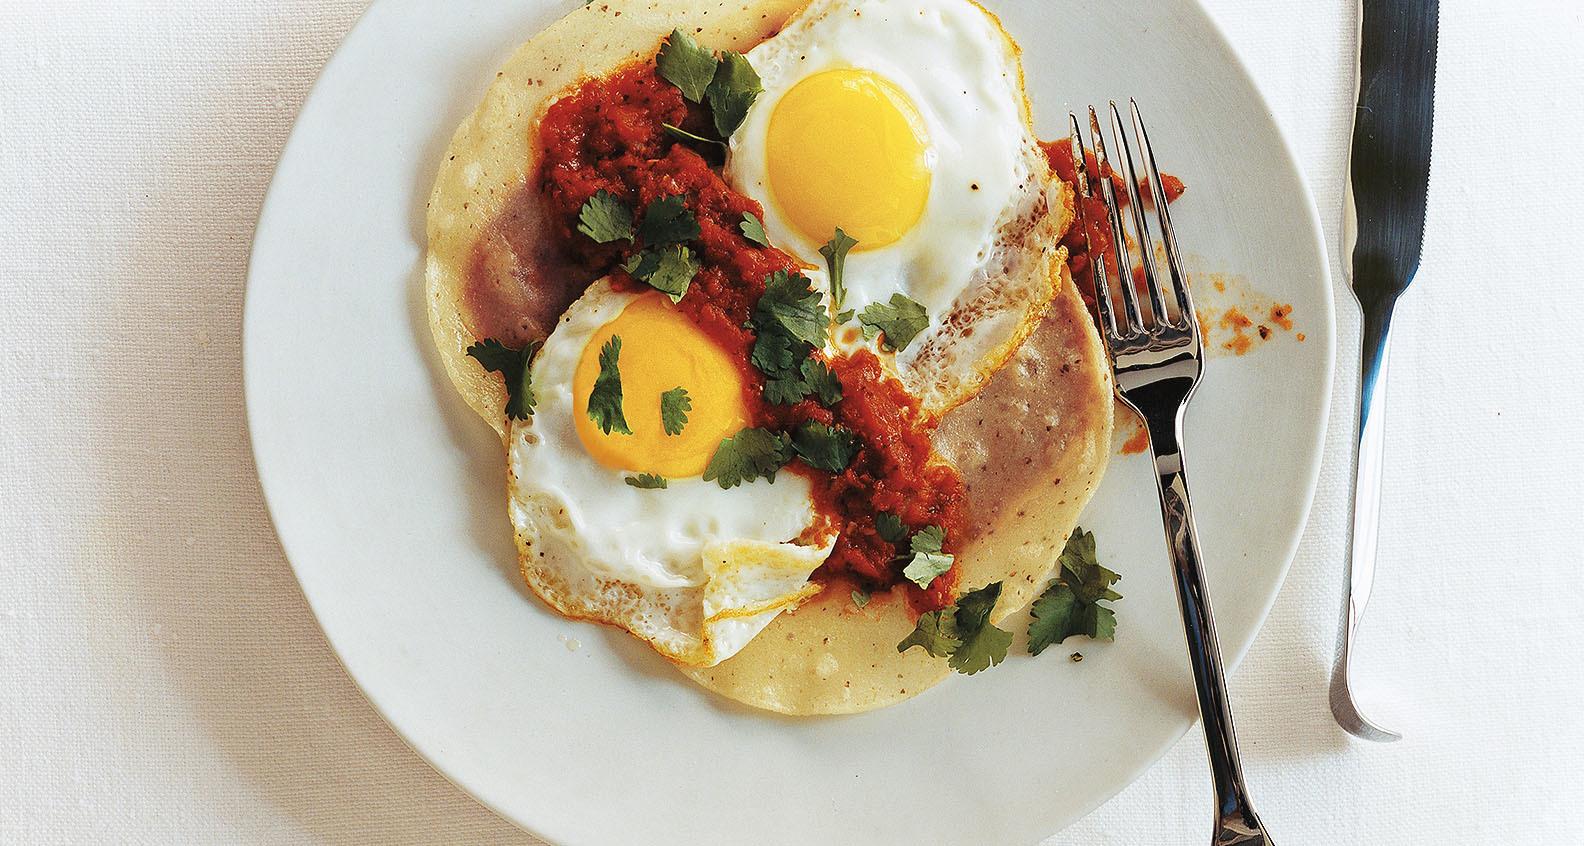 Hero breakfasttacos